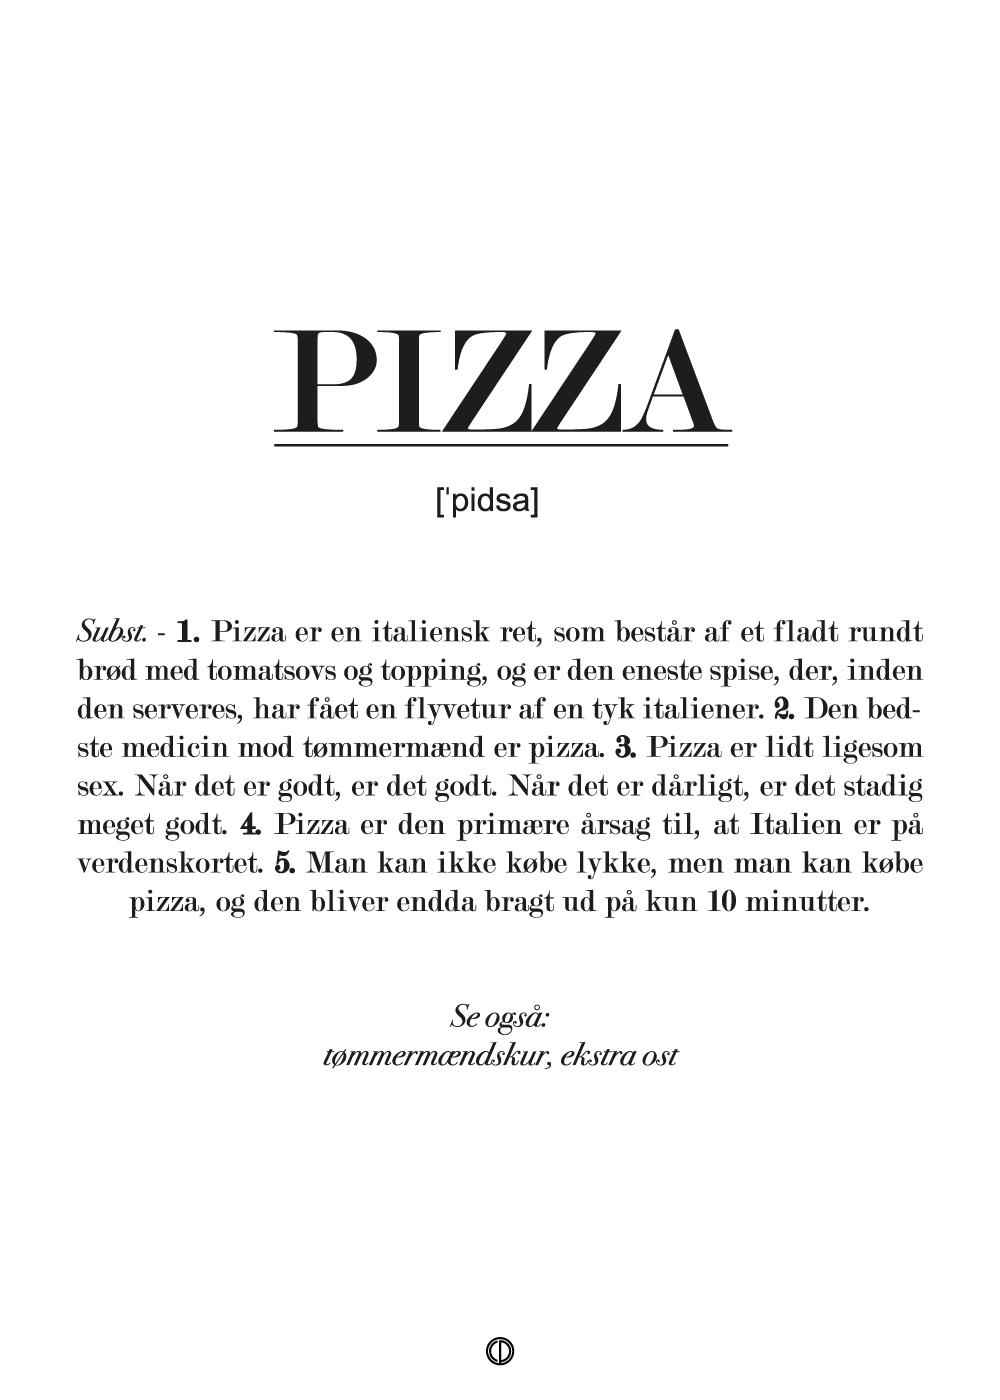 Billede af Pizza definition - plakat